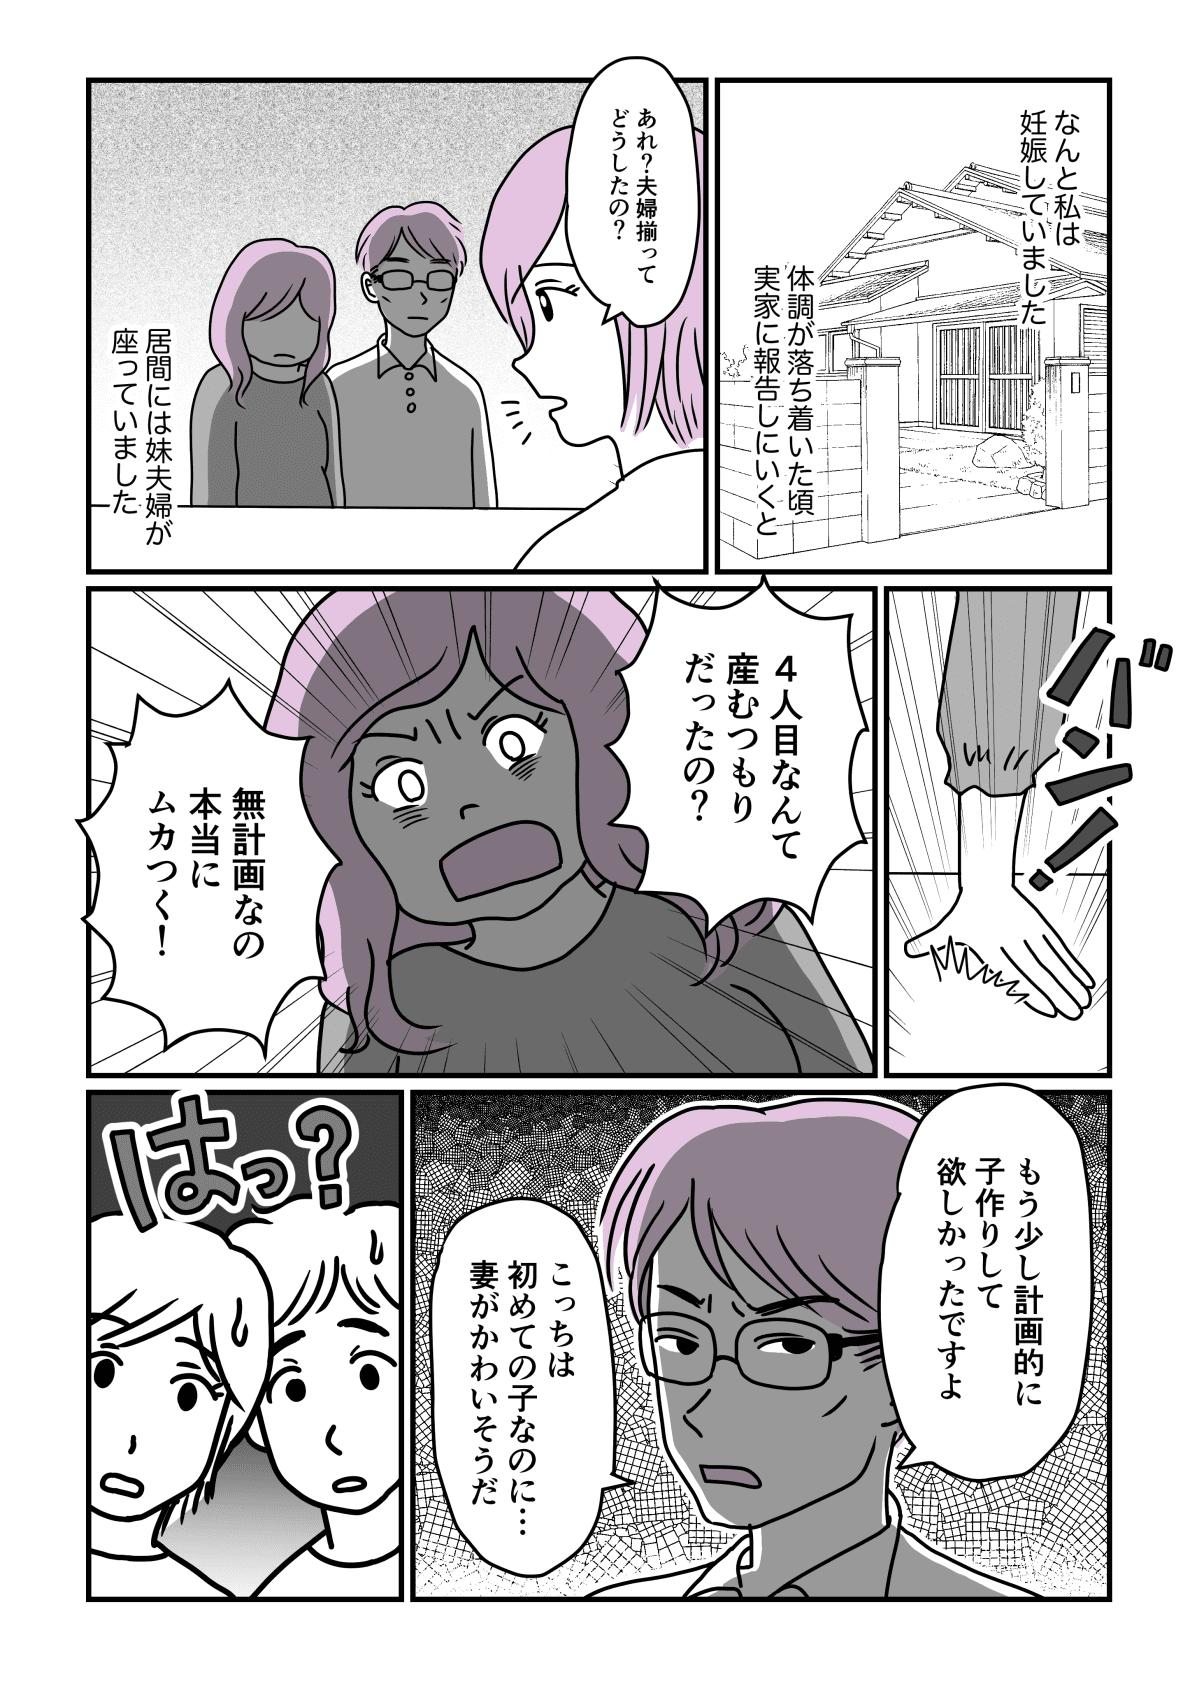 【中編】ワガママな妹が妊娠!